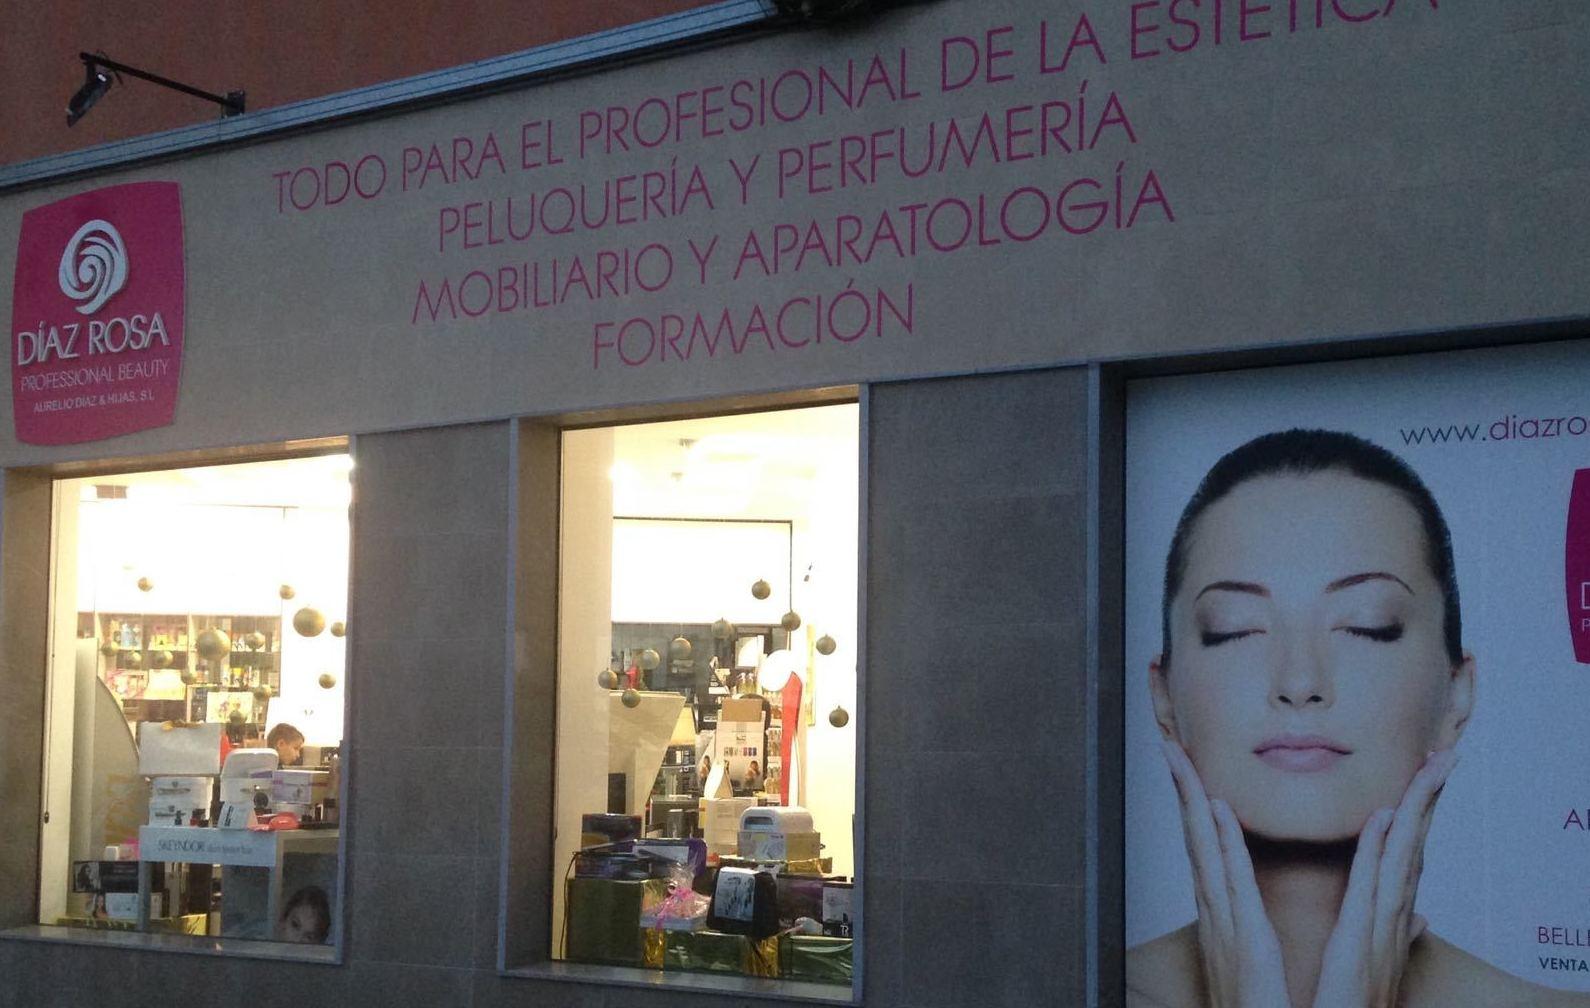 Foto 1 de Peluquería y estética (distribución) en Huelva | Díaz Rosa Professional Beauty